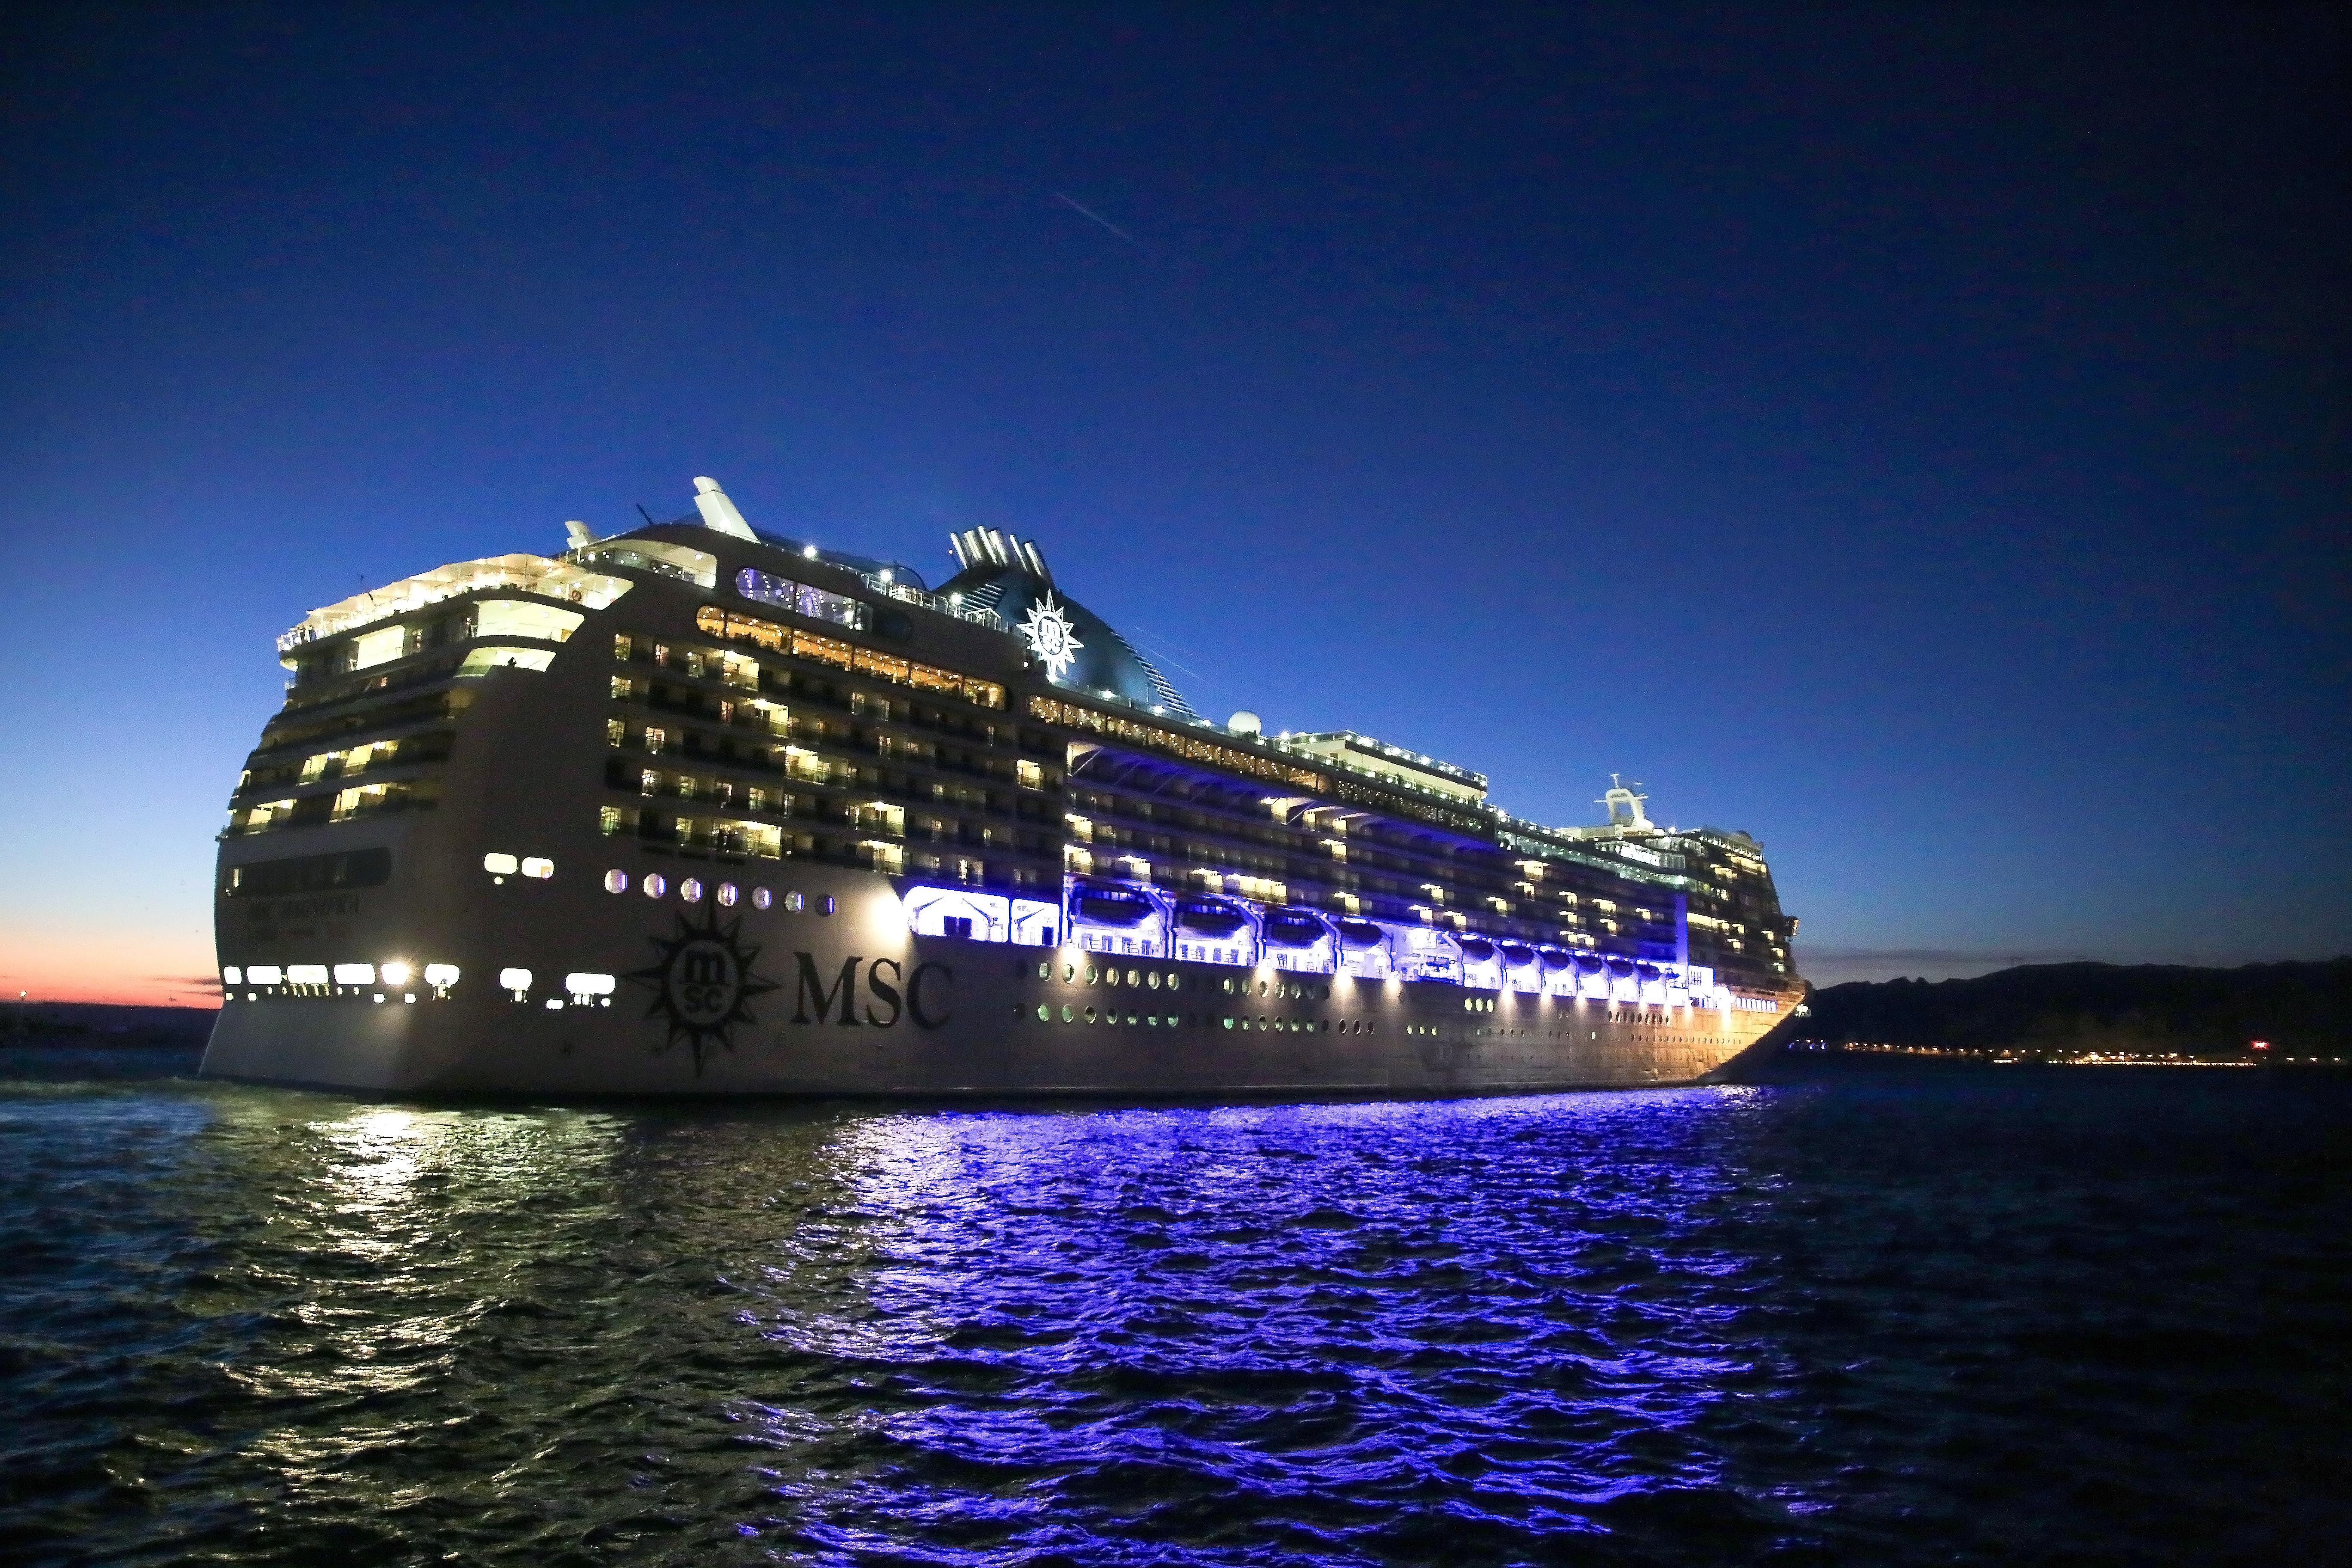 Die MSC Magnifica hat die erste Weltreise eines MSC-Schiffes begonnen.Während der 119-tägigen Reise legt sie 32.260 Seemeilen zurück